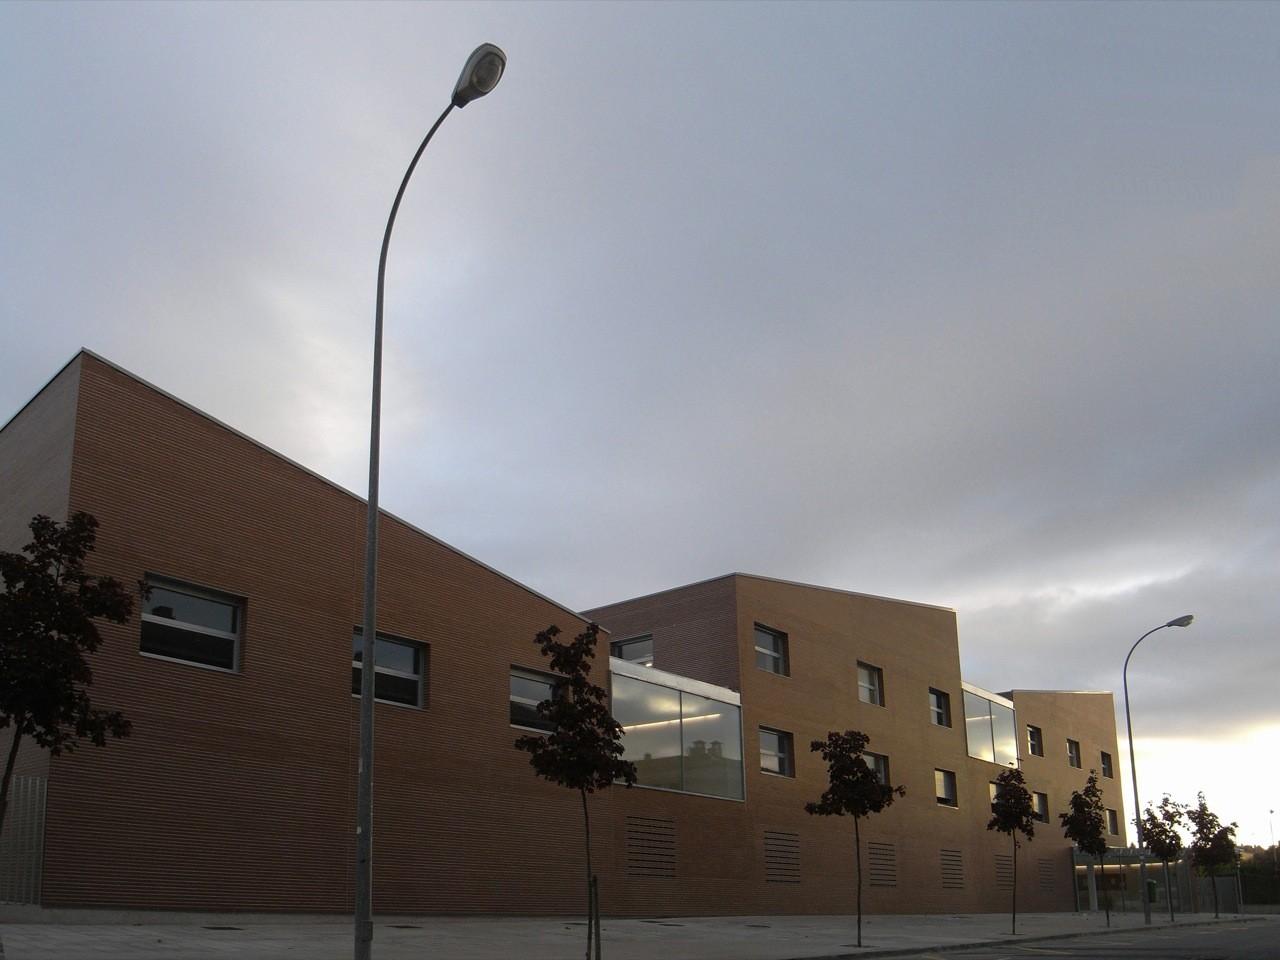 Colegio Público de Educación Infantil y Primaria Catalina de Foix / Taller Básico de Arquitectura, © Xabier Ilundain Madurga - taller básico de arquitectura